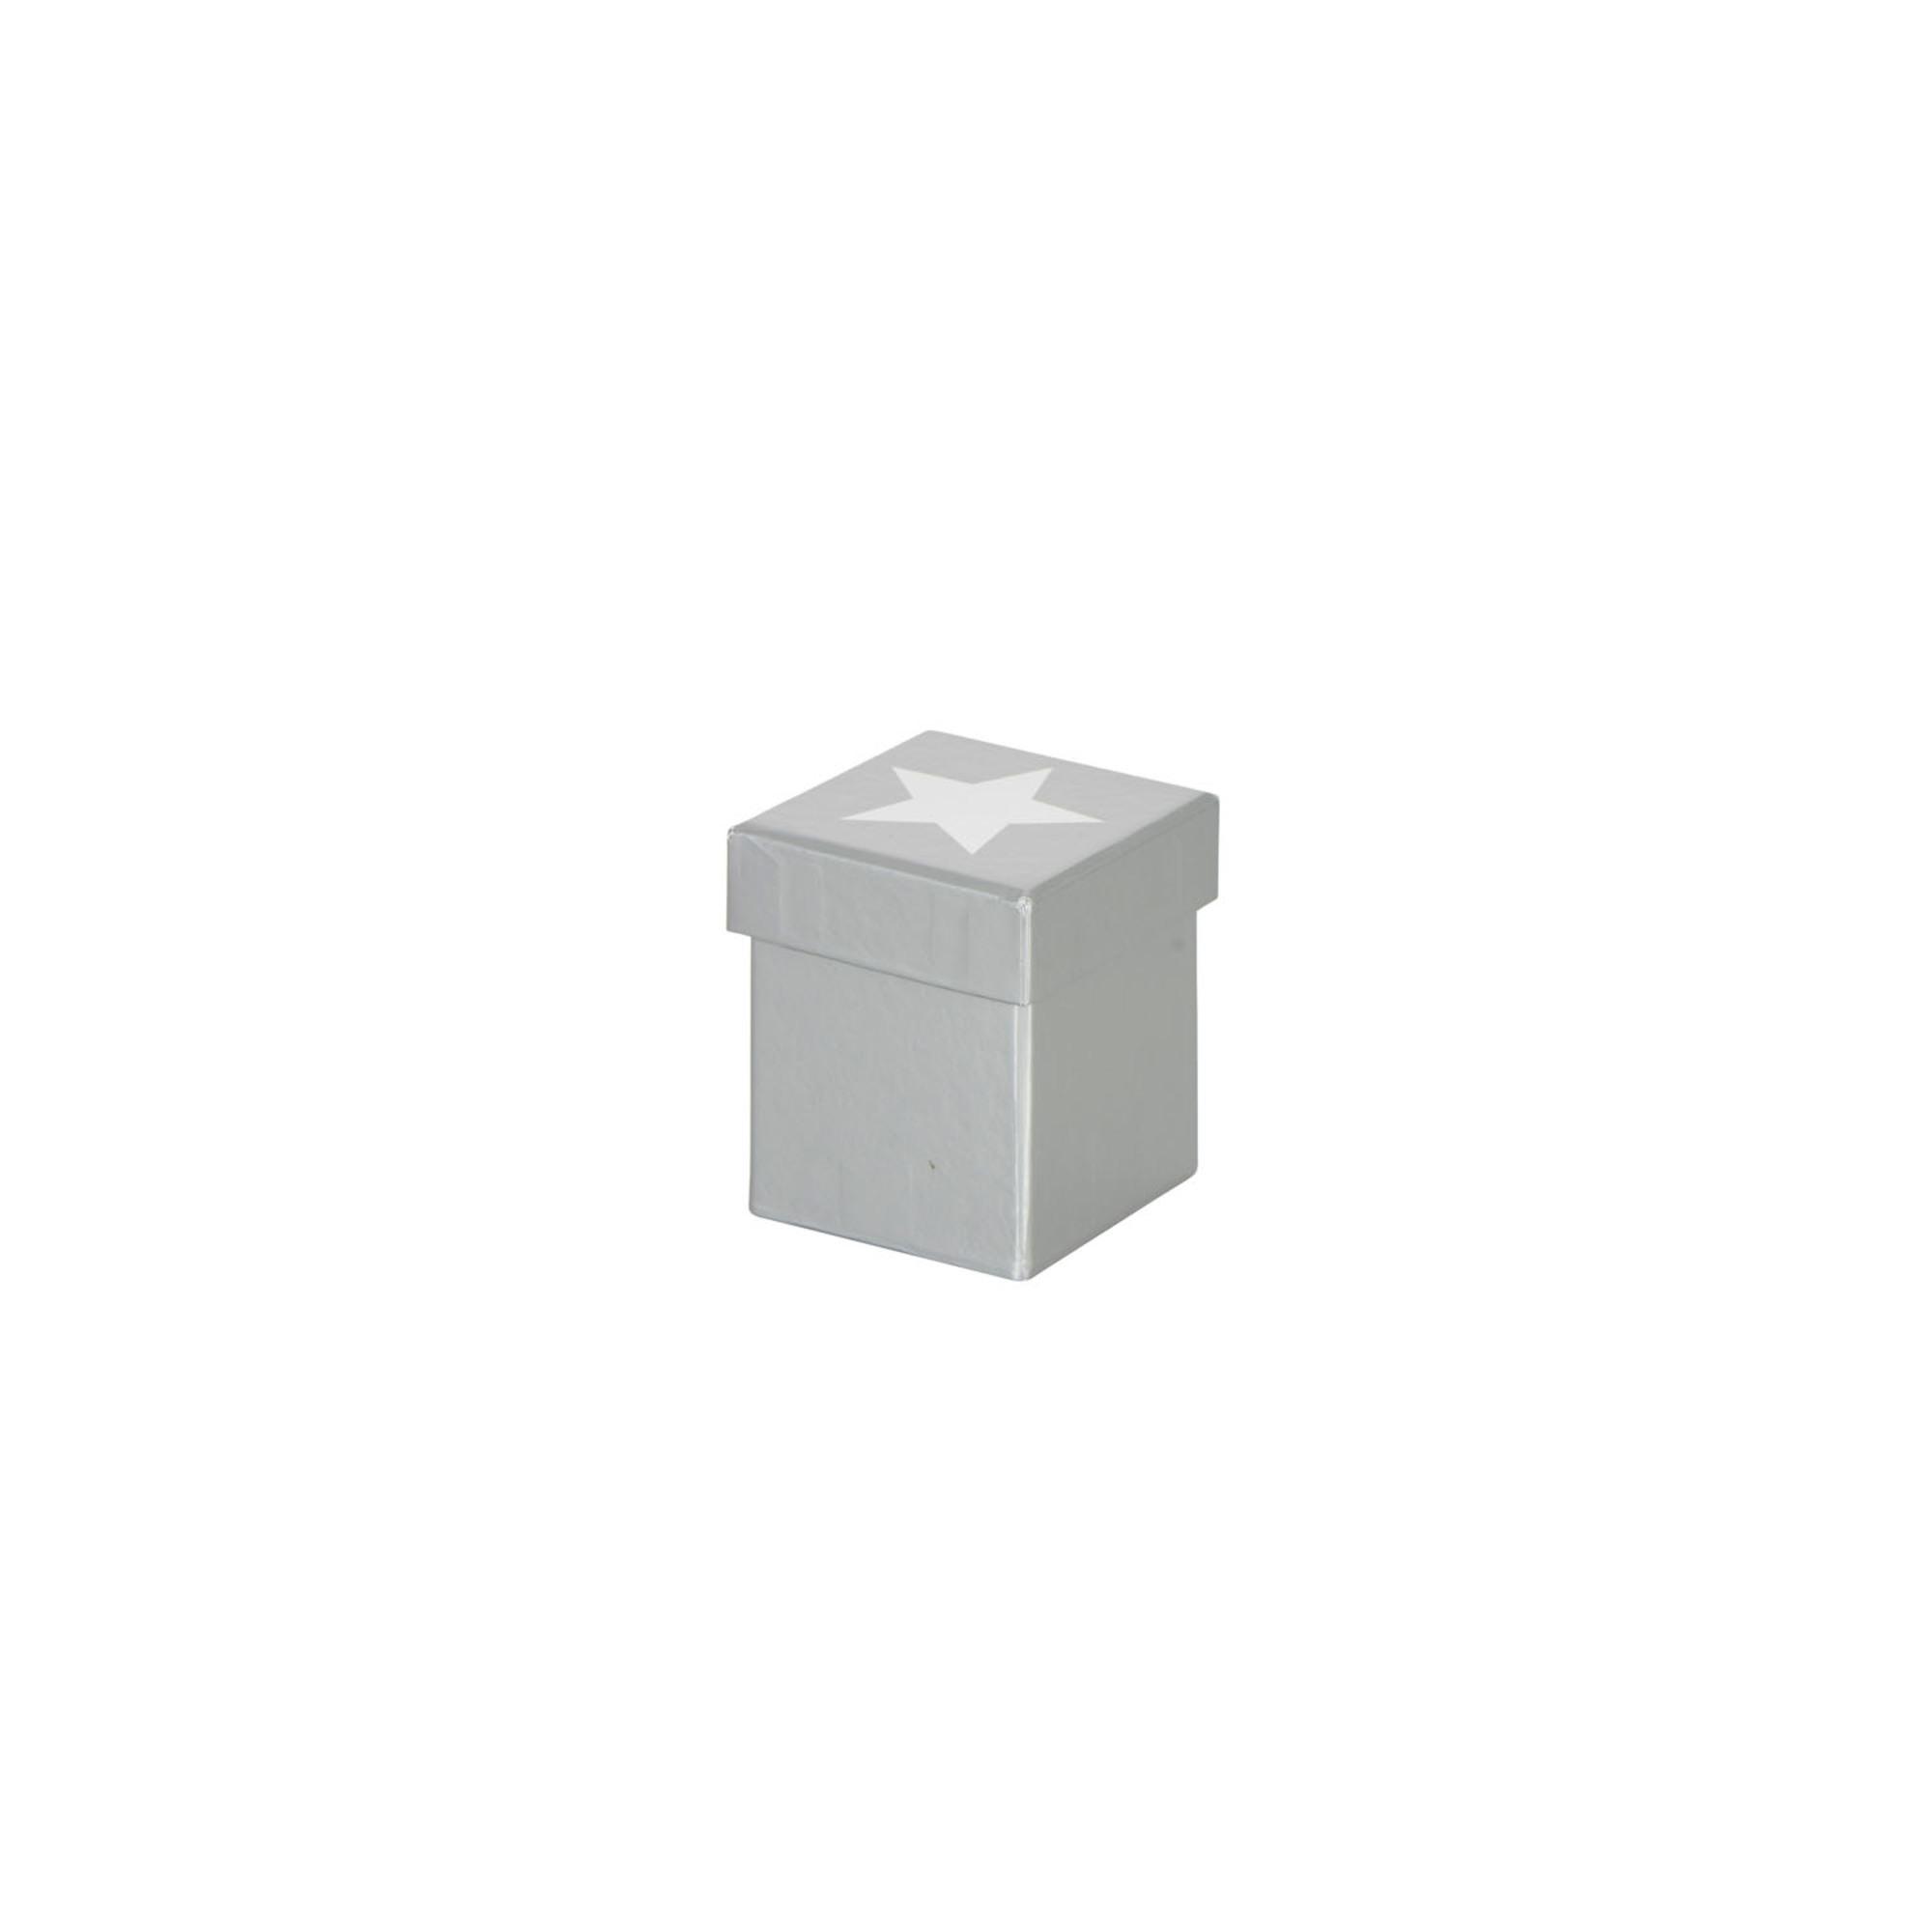 Geschenkkarton Stern, Gr. 7,7 x 7,7 x 8,4 cm